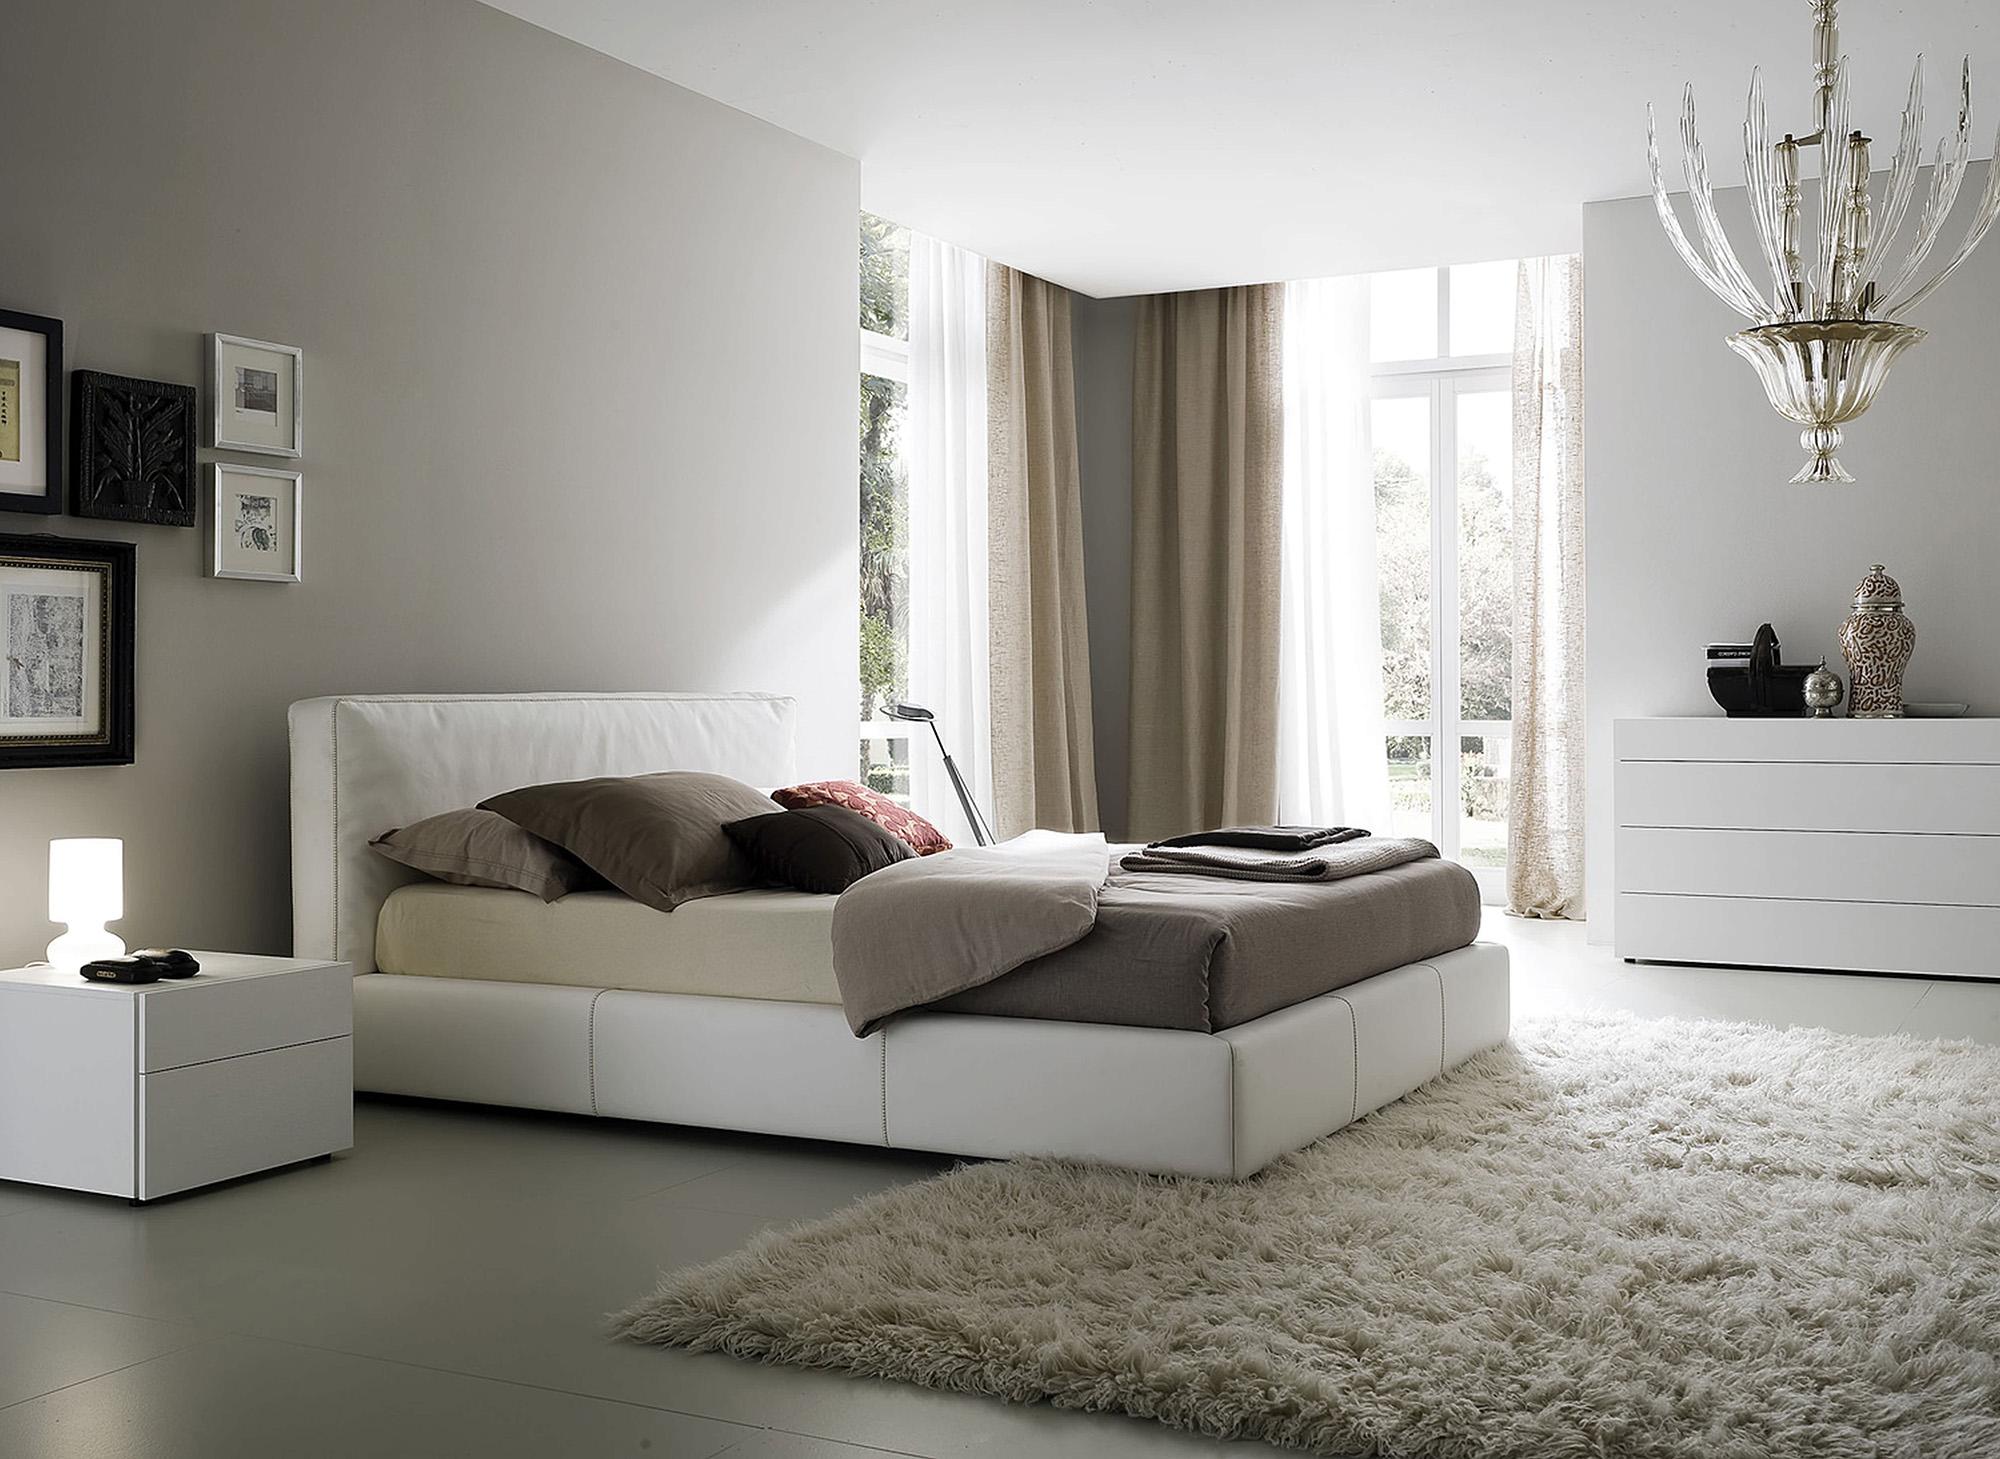 Белая мебель в стиле модерн в спальне